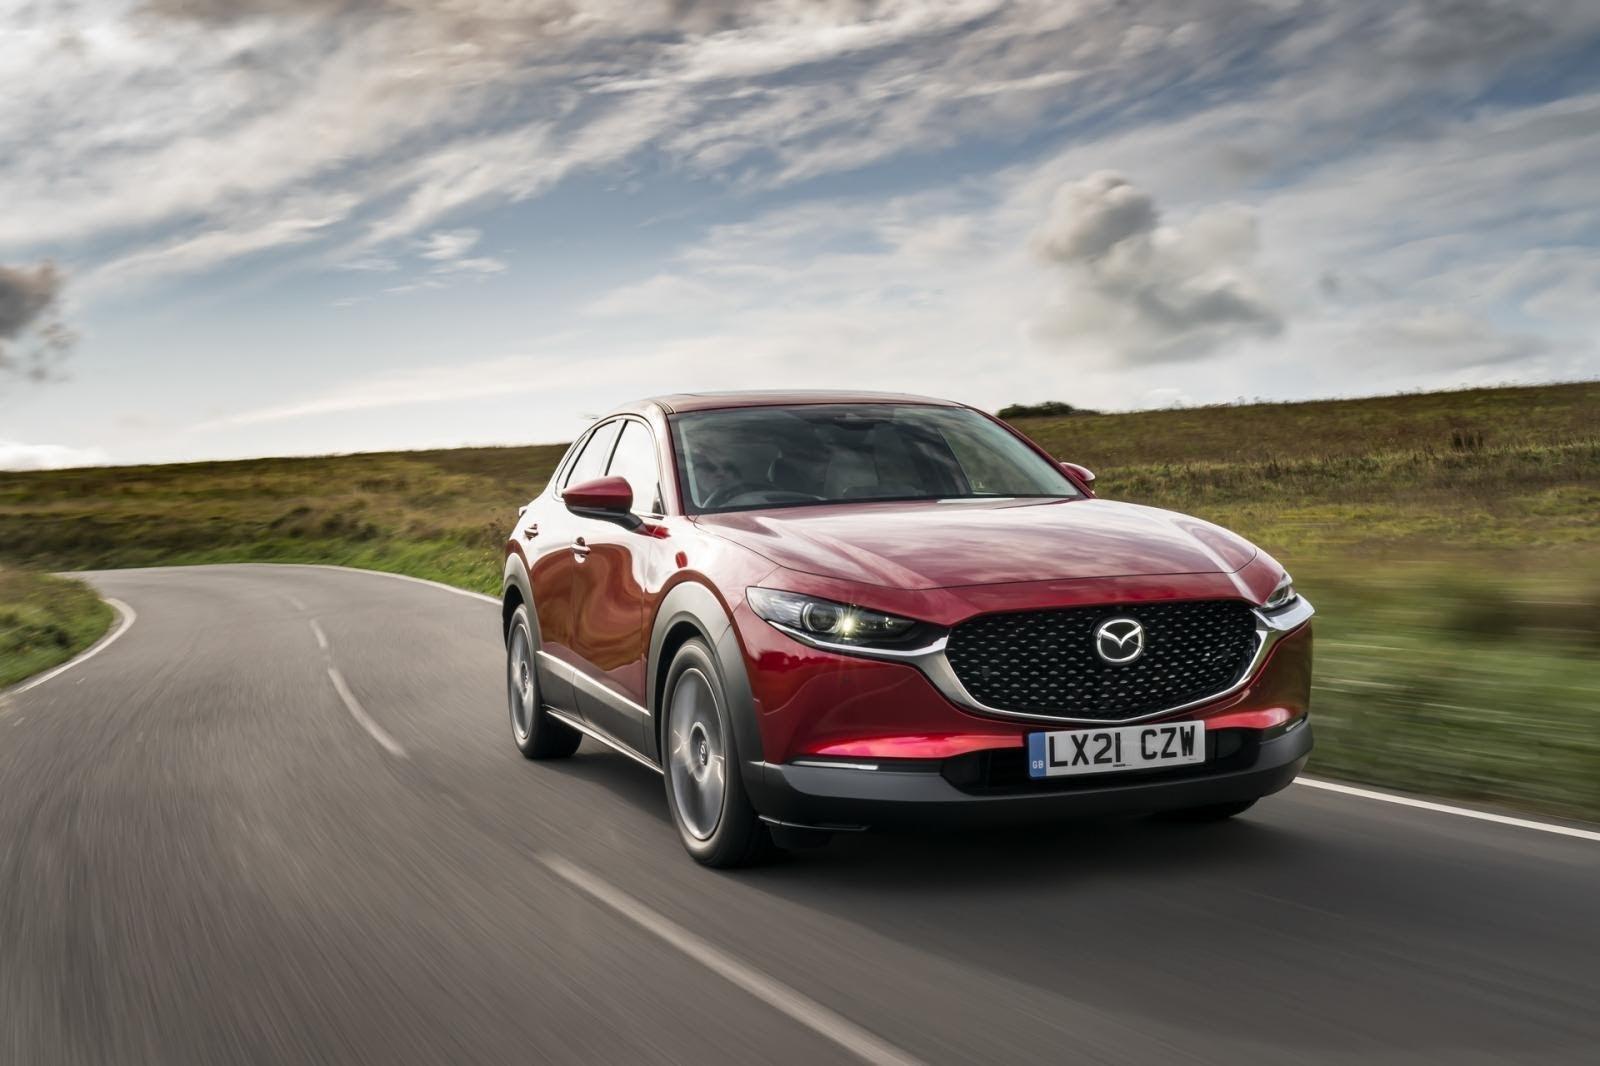 Mazda 3 có khả năng vận hành mượt mà, ổn định, chính xác.